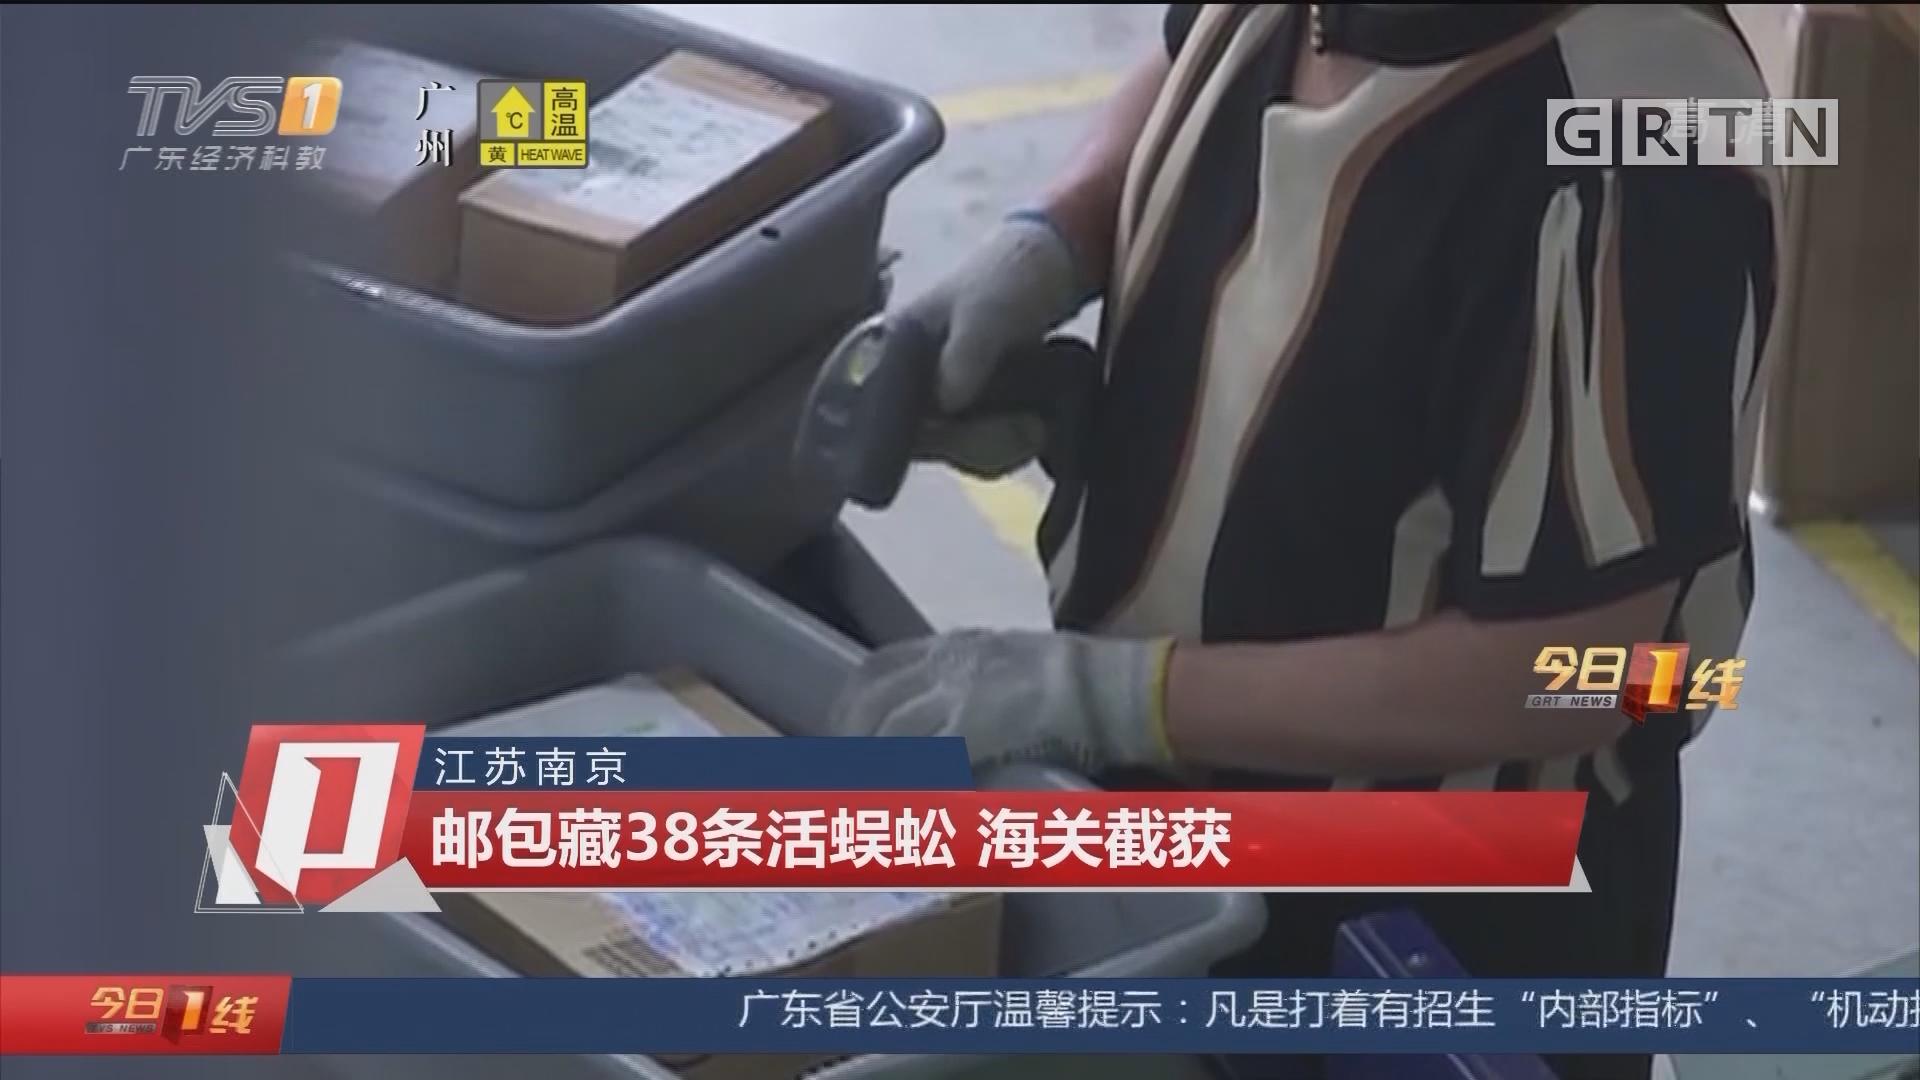 江苏南京:邮包藏38条活蜈蚣 海关截获